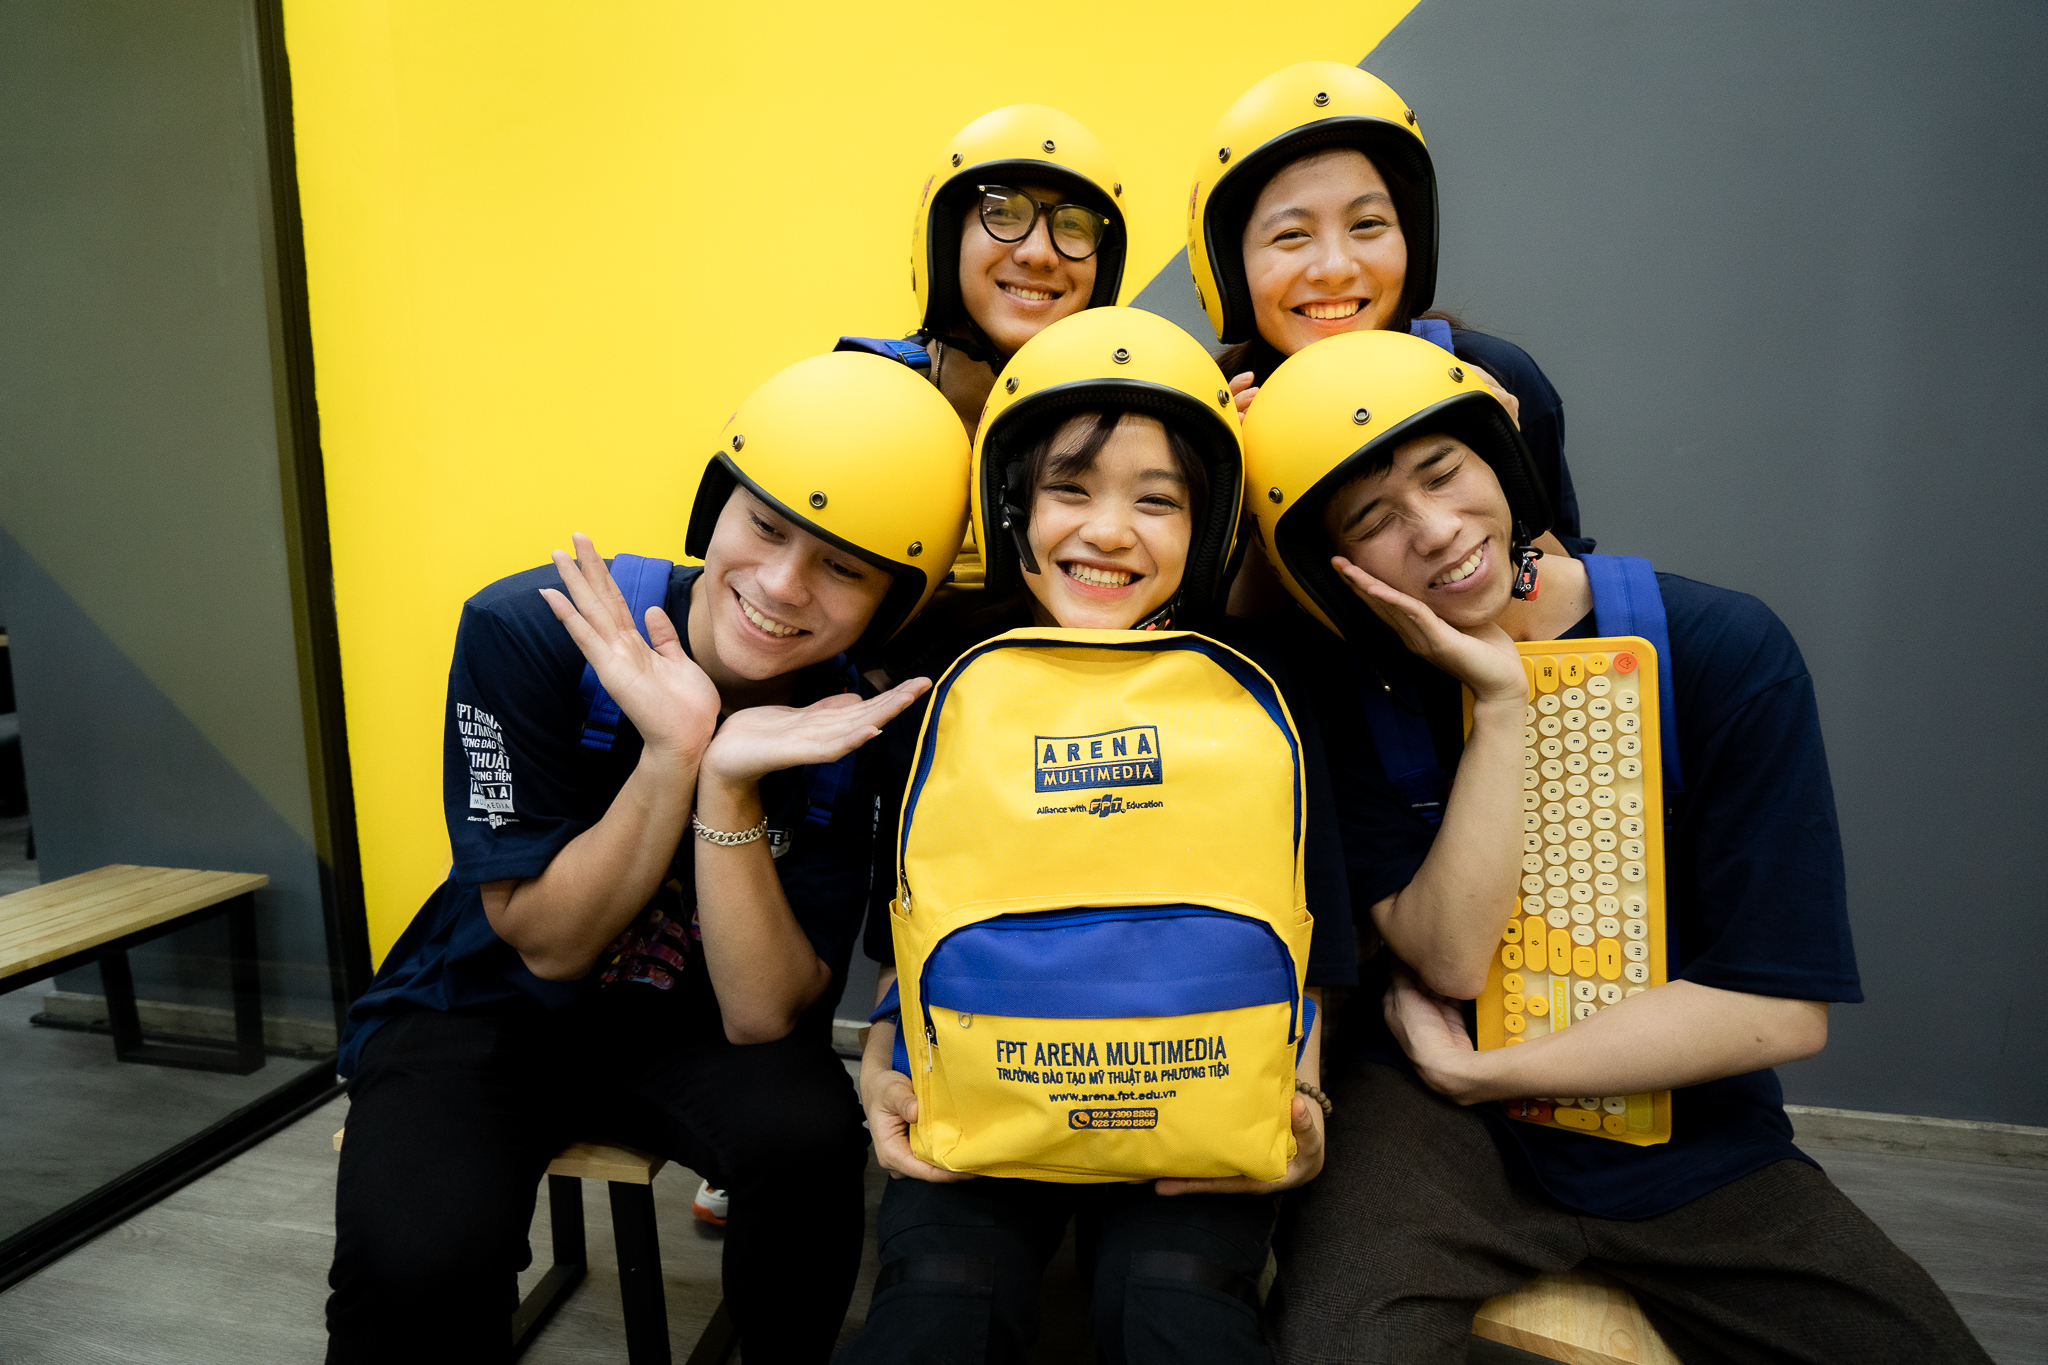 Bộ FAN Kit đặc biệt gồm áo phông, mũ bảo hiểm, ba lô sẽ là một trong những phần quà tại OPEN Z